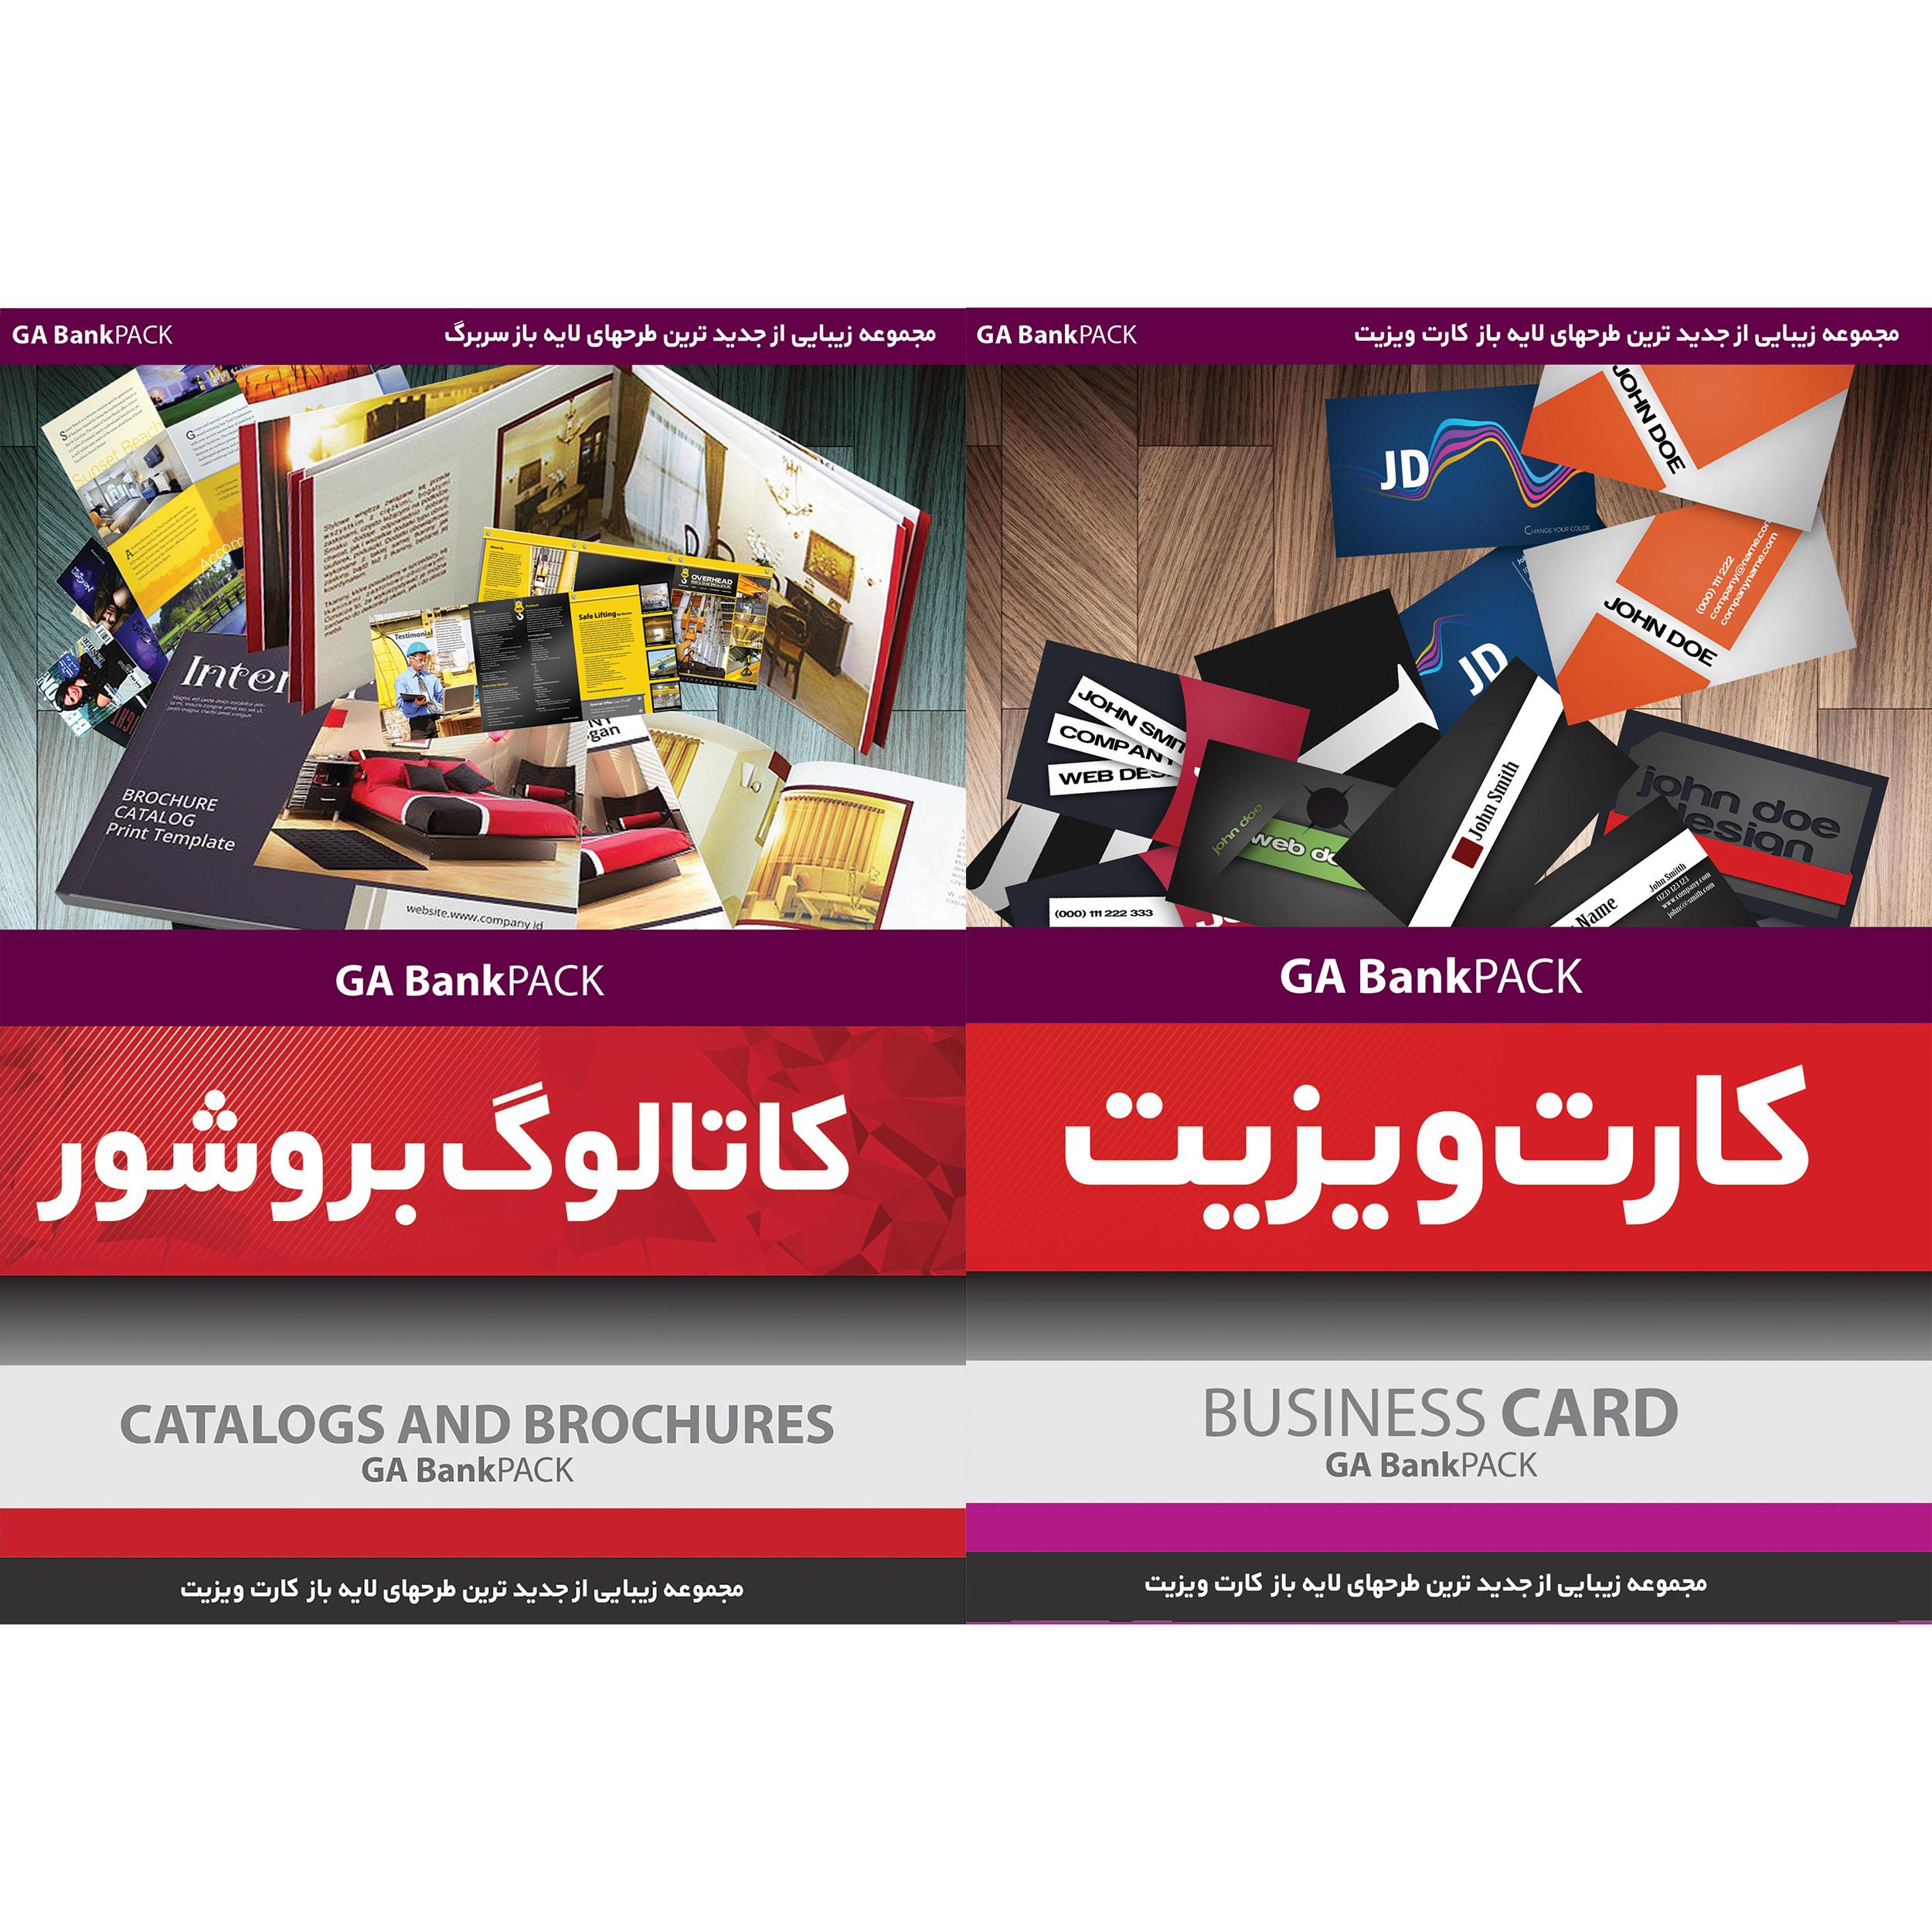 مجموعه طرح های لایه باز کارت ویزیت نشر جی ای بانک به همراه مجموعه طرح های لایه باز کاتالوگ بروشور نشر جی ای بانک